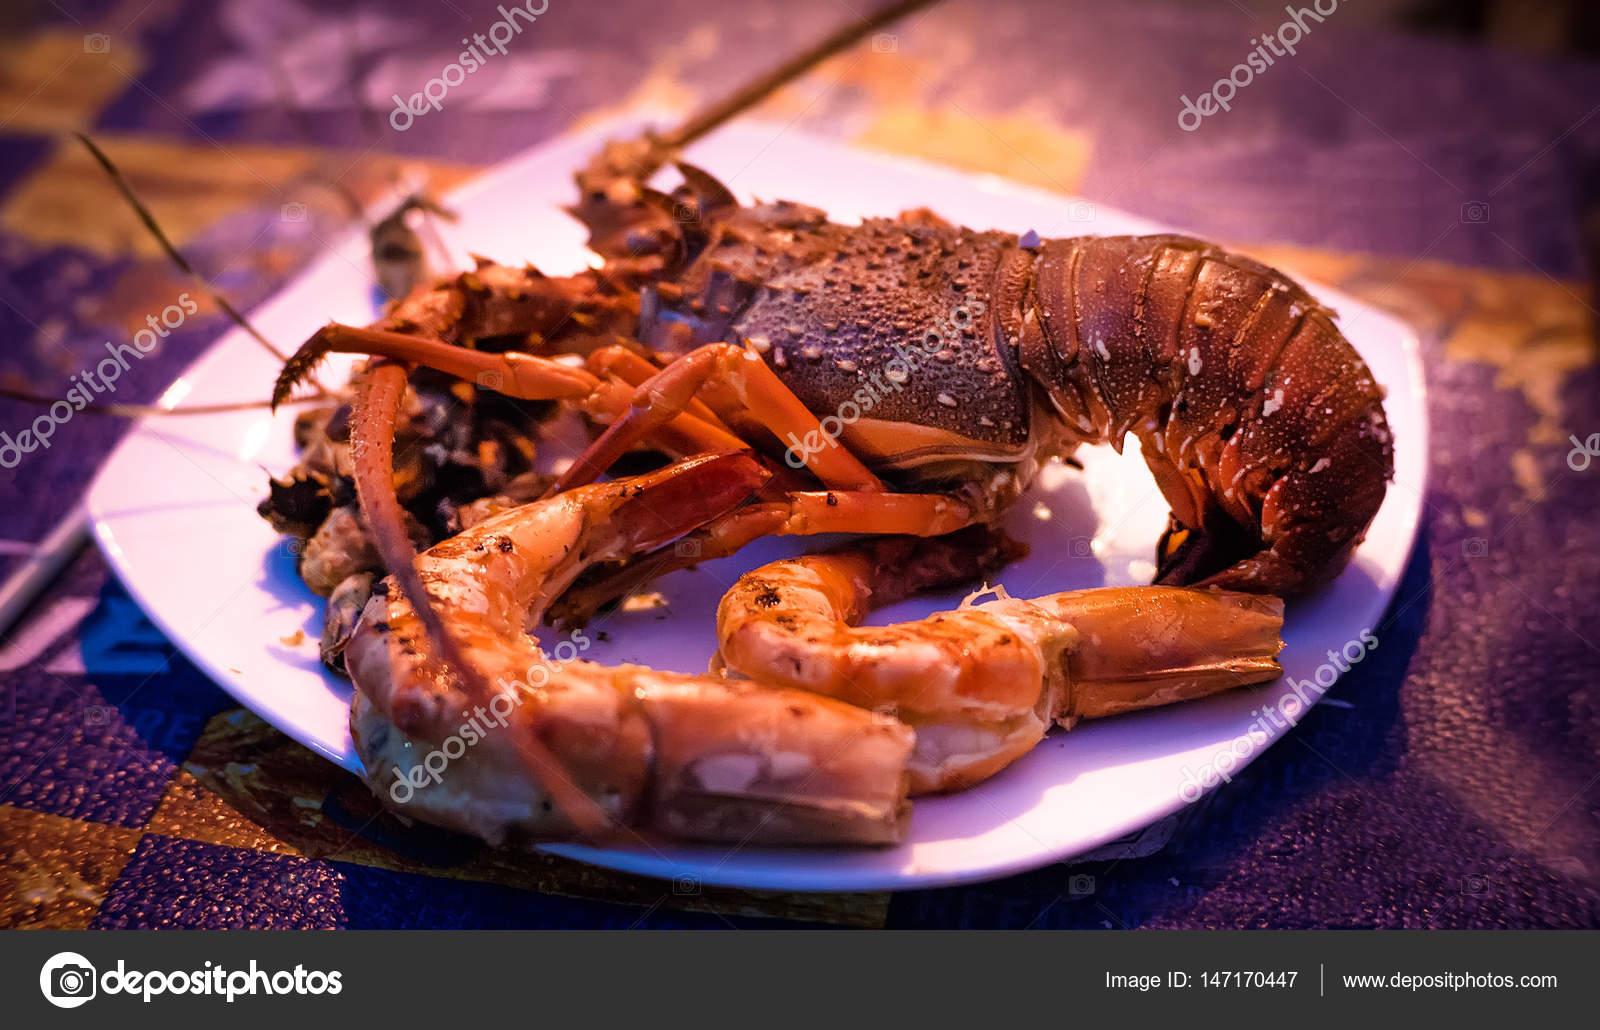 Bir okyanus gurme akşam yemeği arka plan olarak kabuklu deniz ürünleri  tabağı ile taze ıstakoz 1b06ab9a84